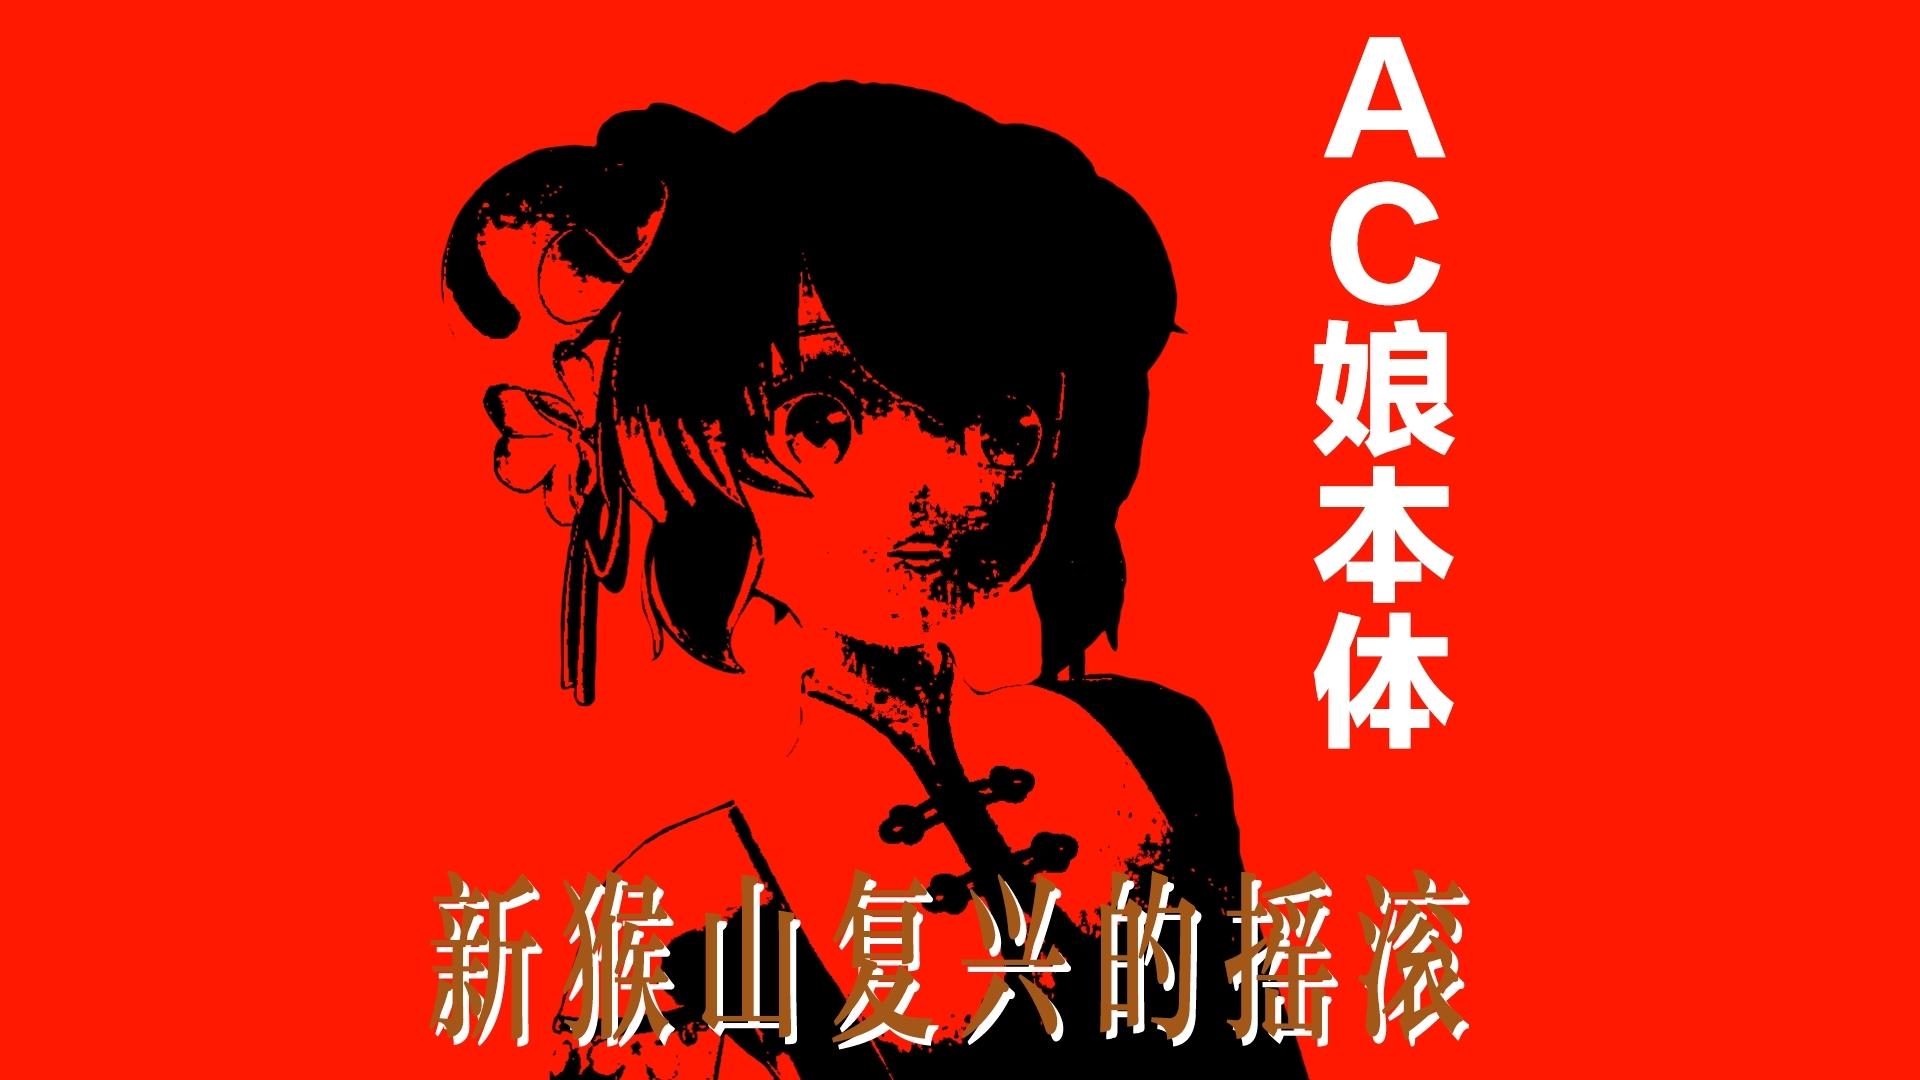 【ACFUN13周年快乐】新猴山复兴的摇滚